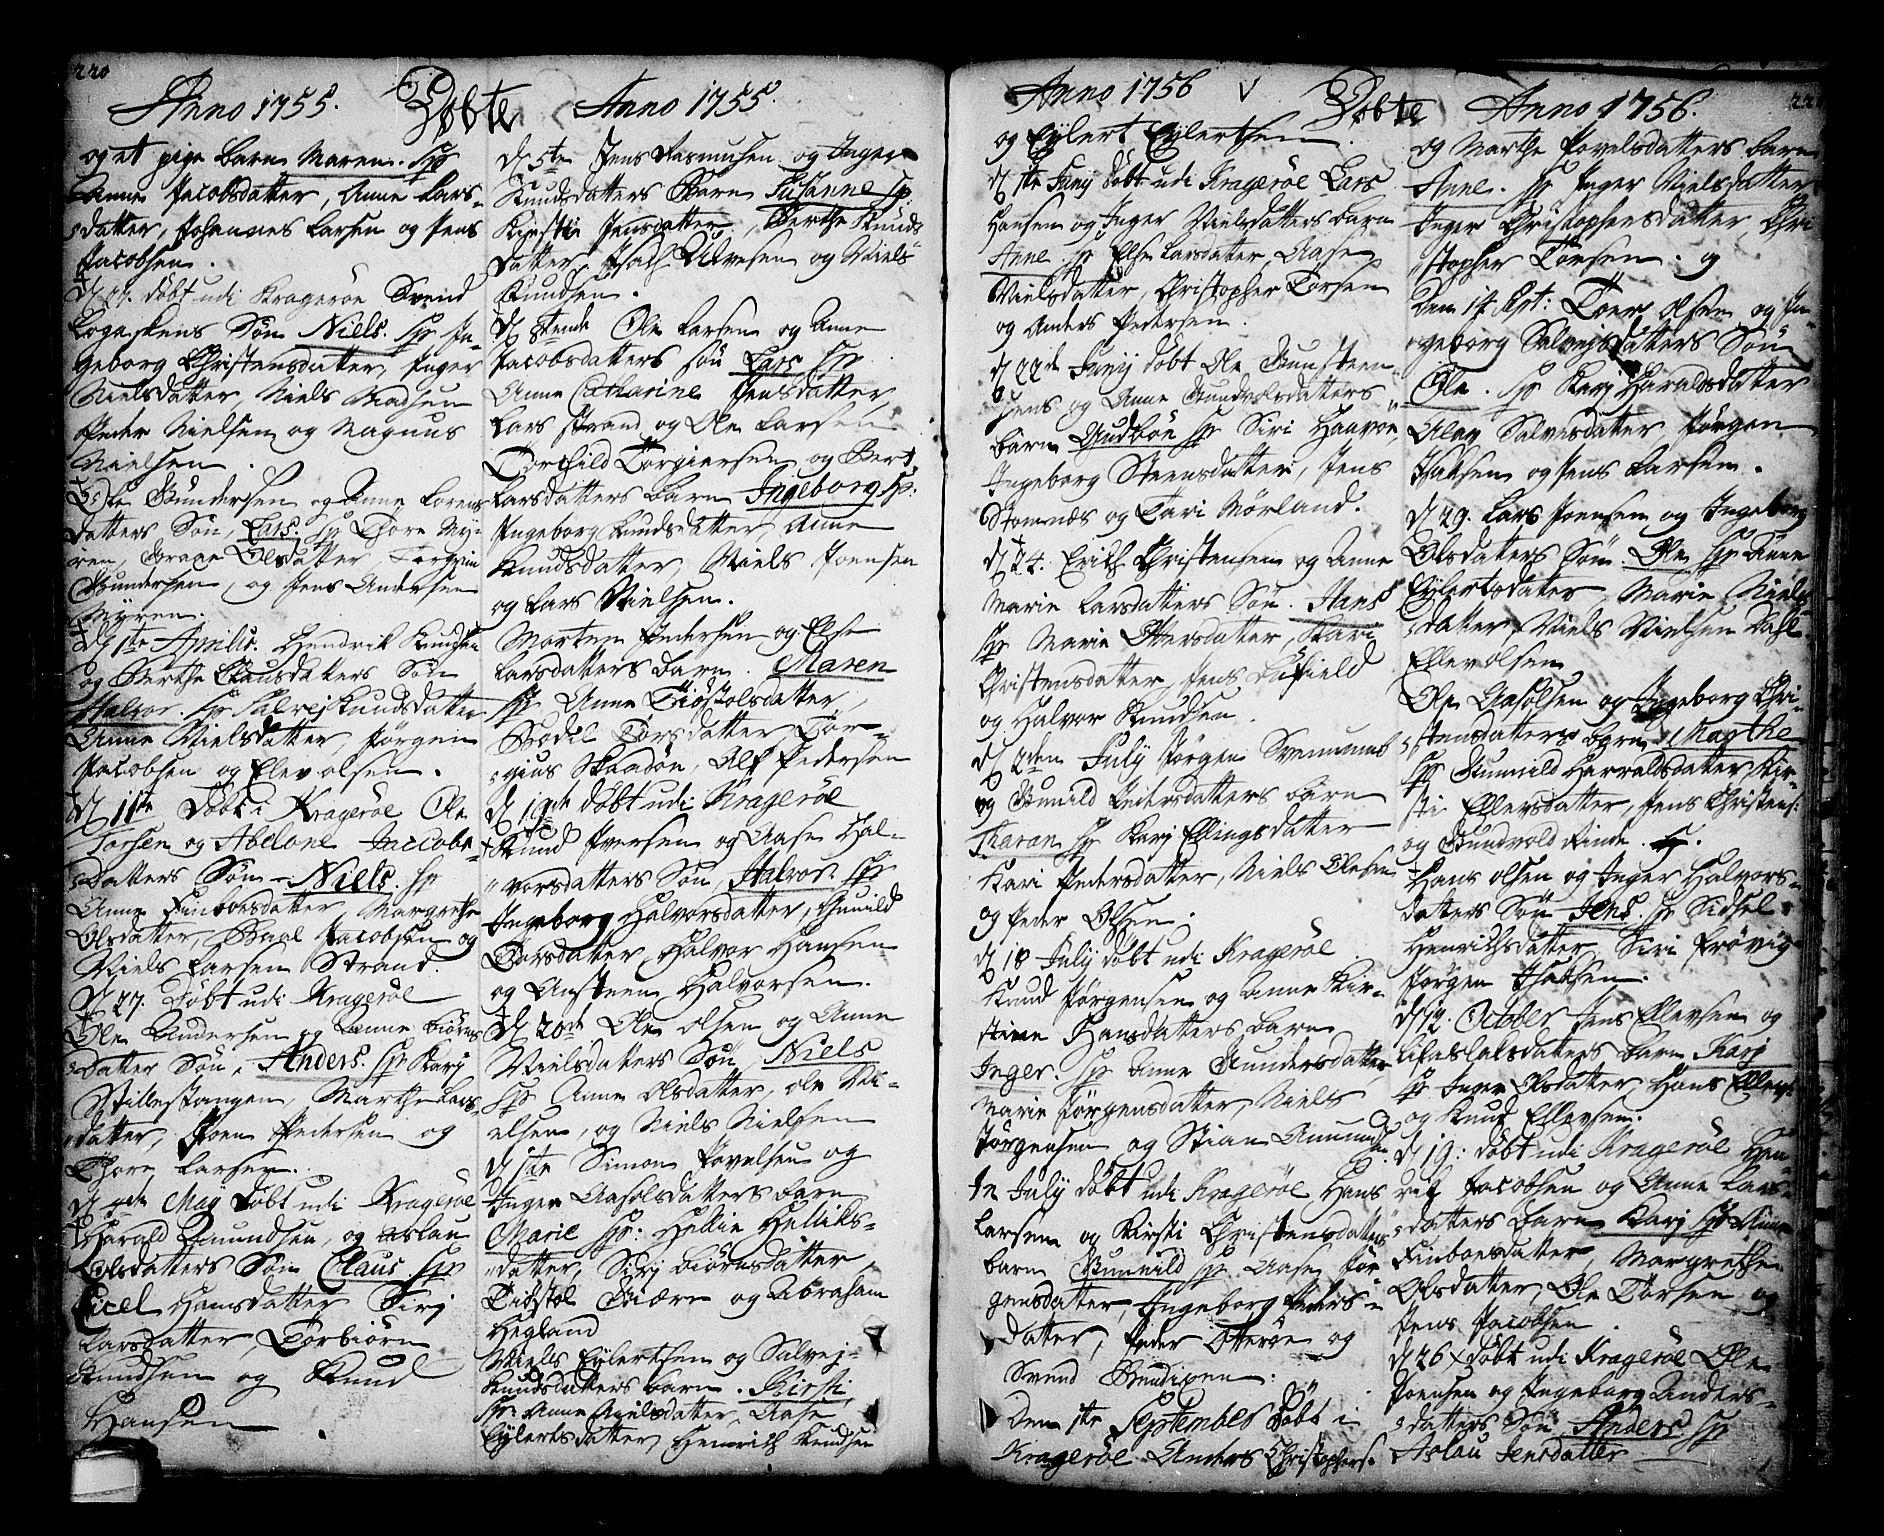 SAKO, Sannidal kirkebøker, F/Fa/L0001: Ministerialbok nr. 1, 1702-1766, s. 220-221